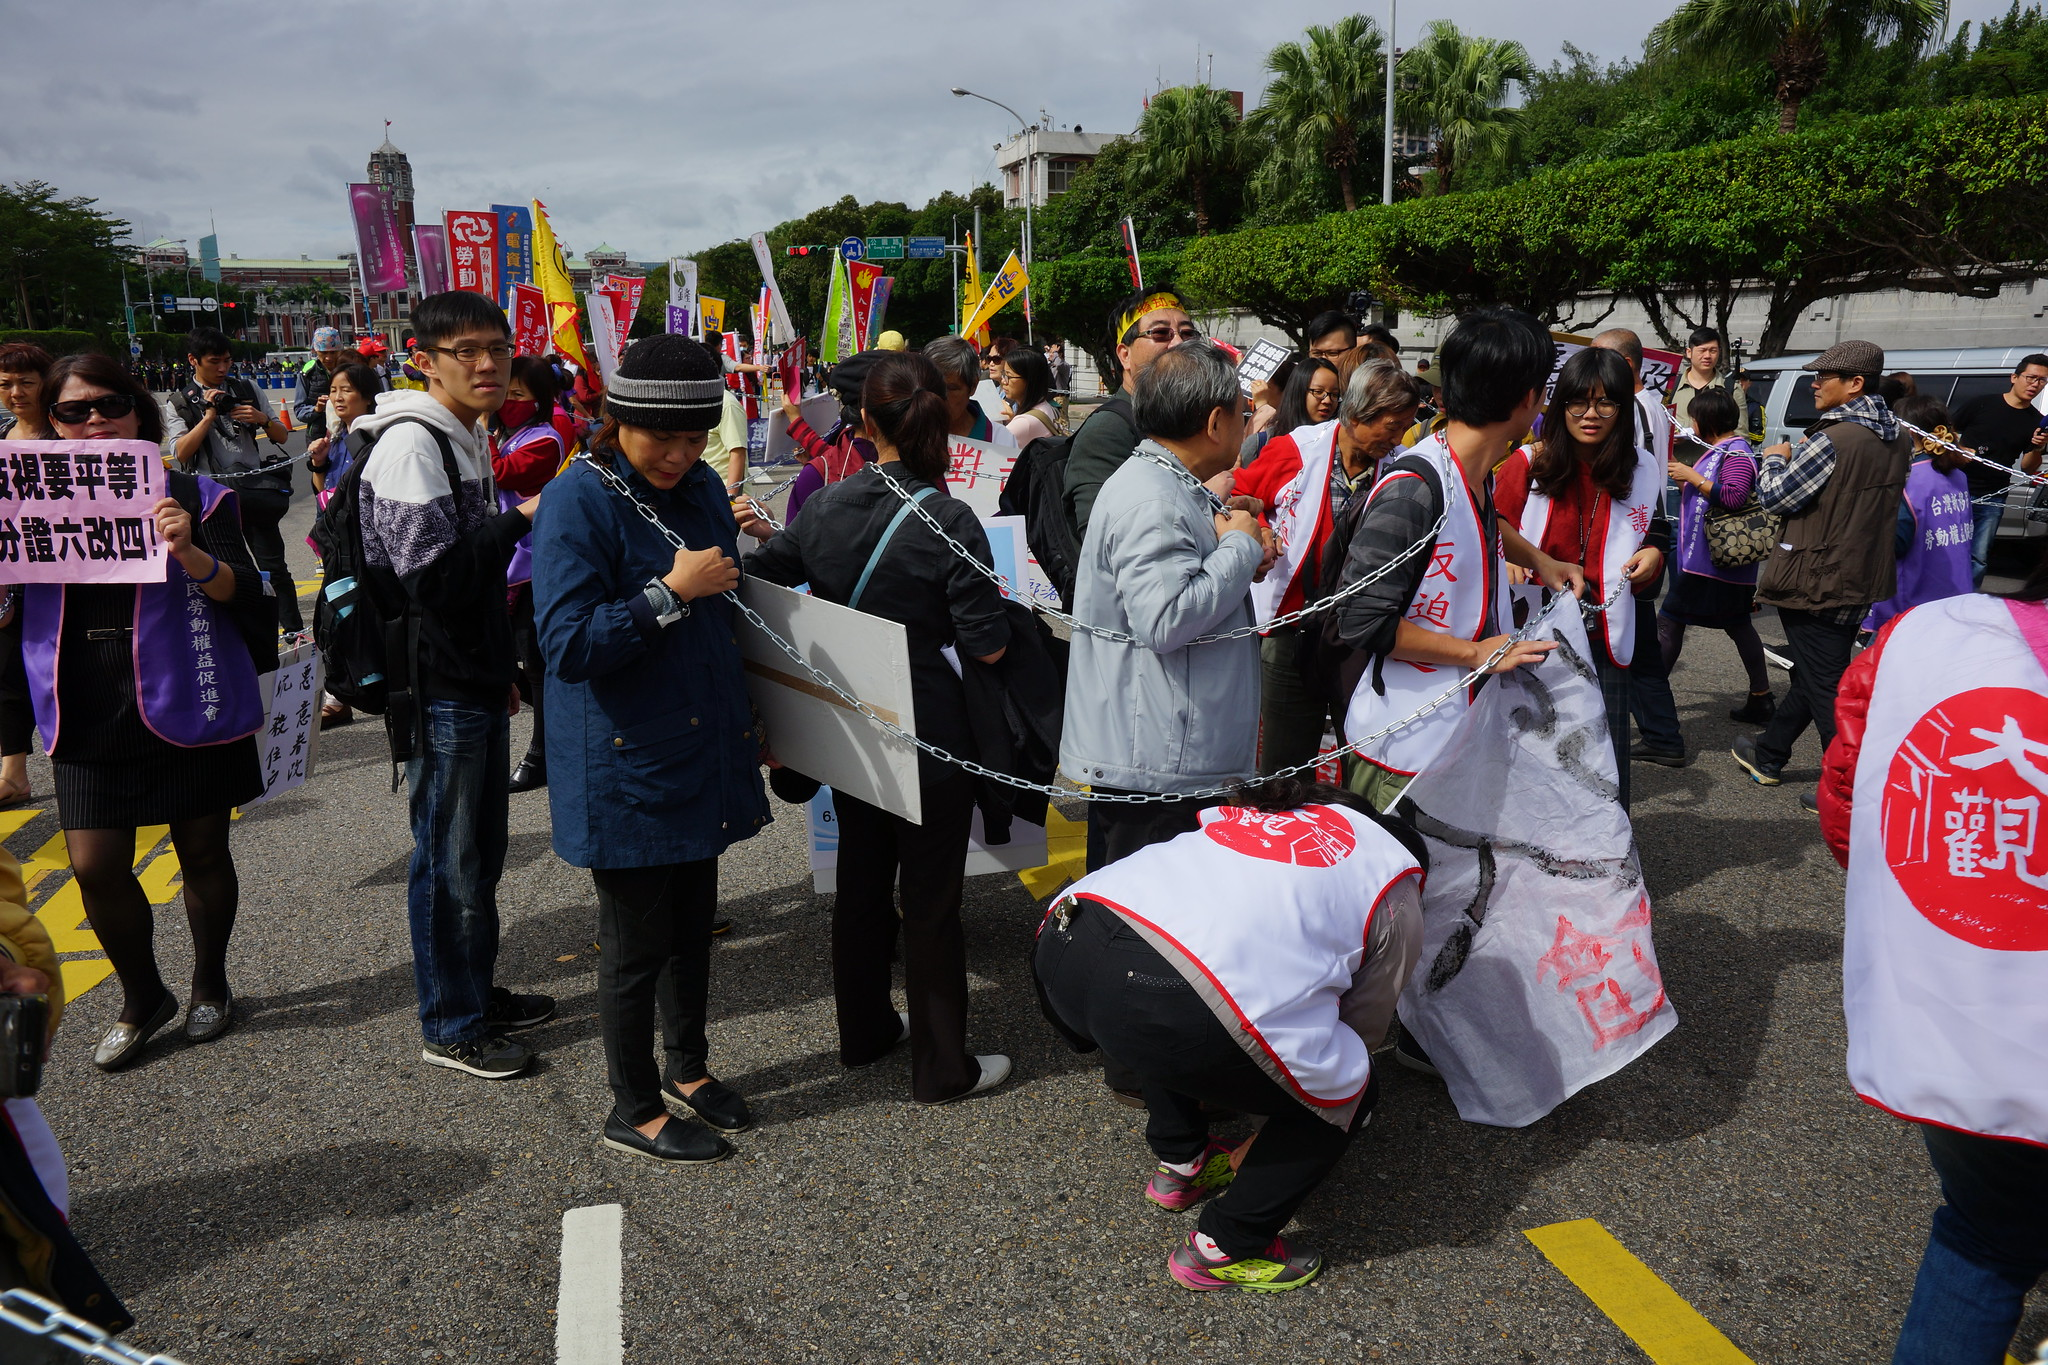 秋鬥遊行今年用鐵鍊纏身,在凱道上繞圈,象徵政府對人民的箝制。(攝影:王顥中)